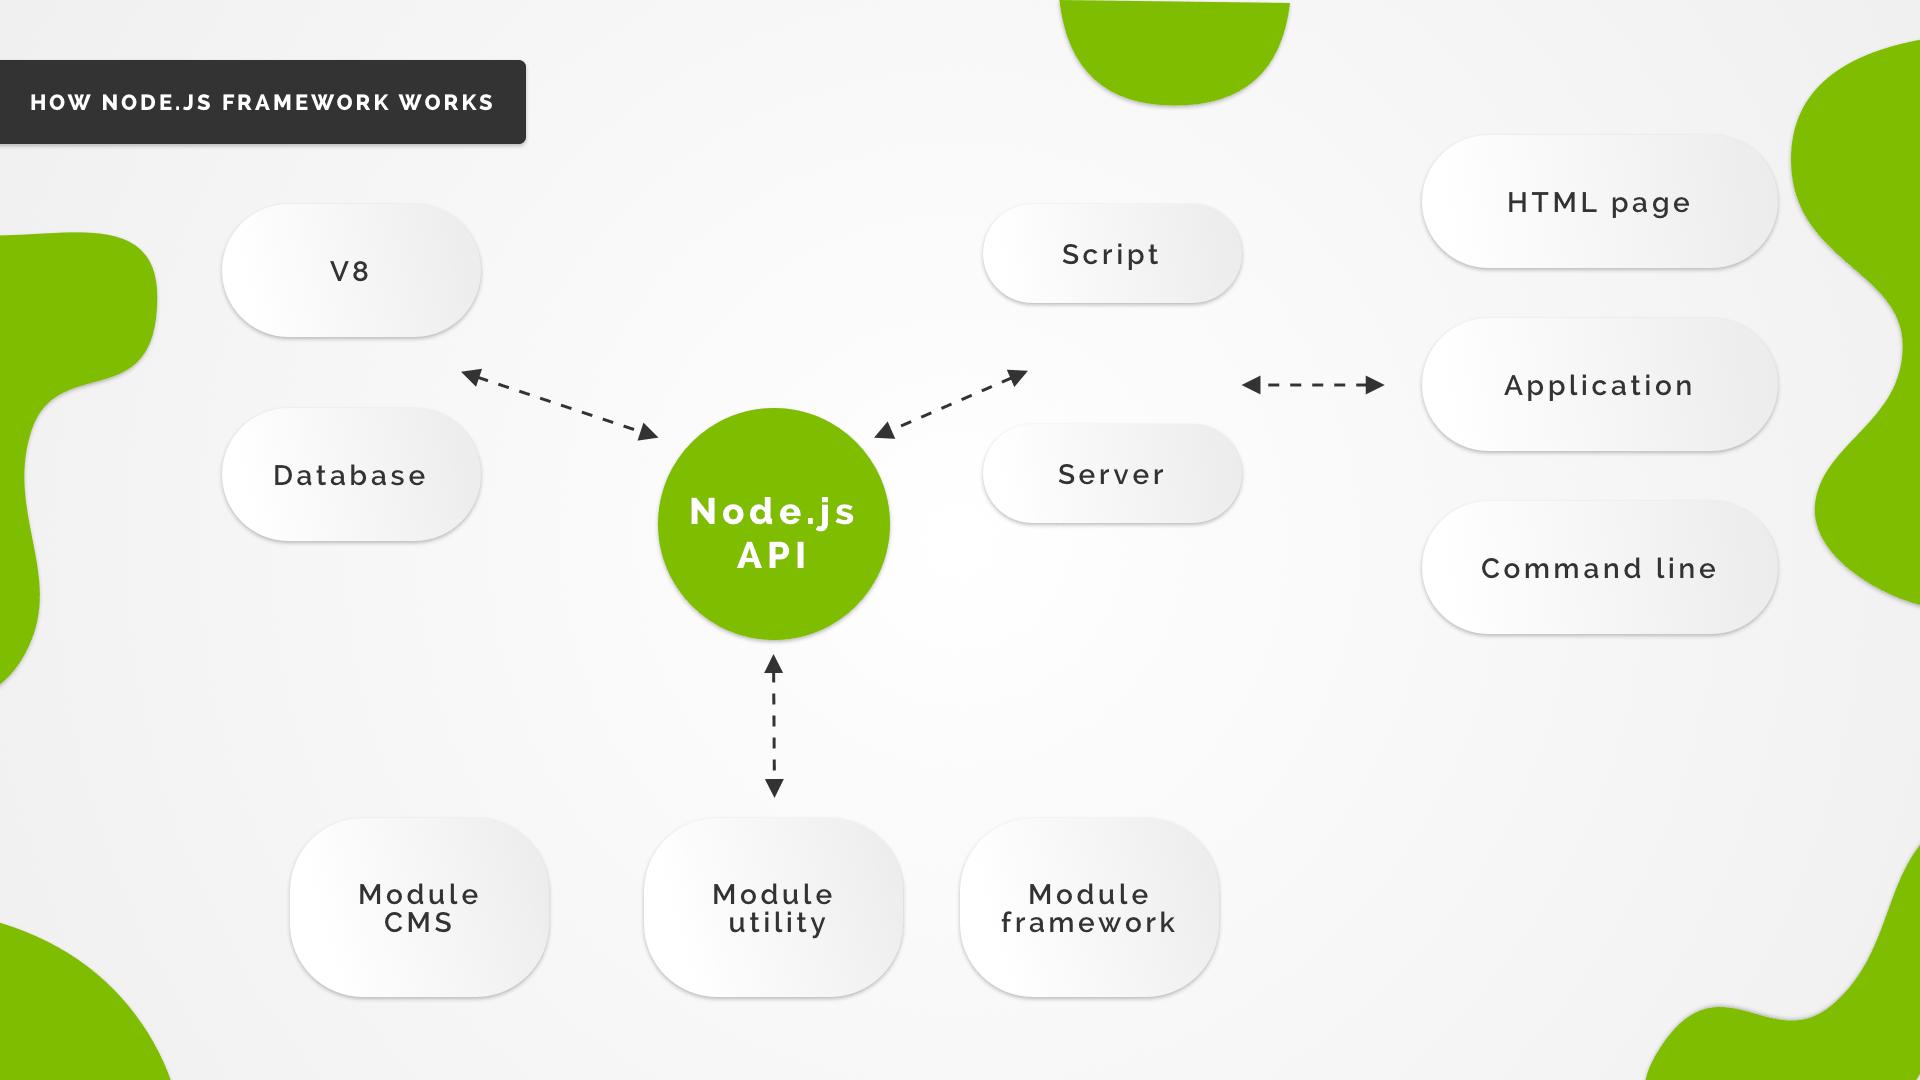 how Node.js framework works